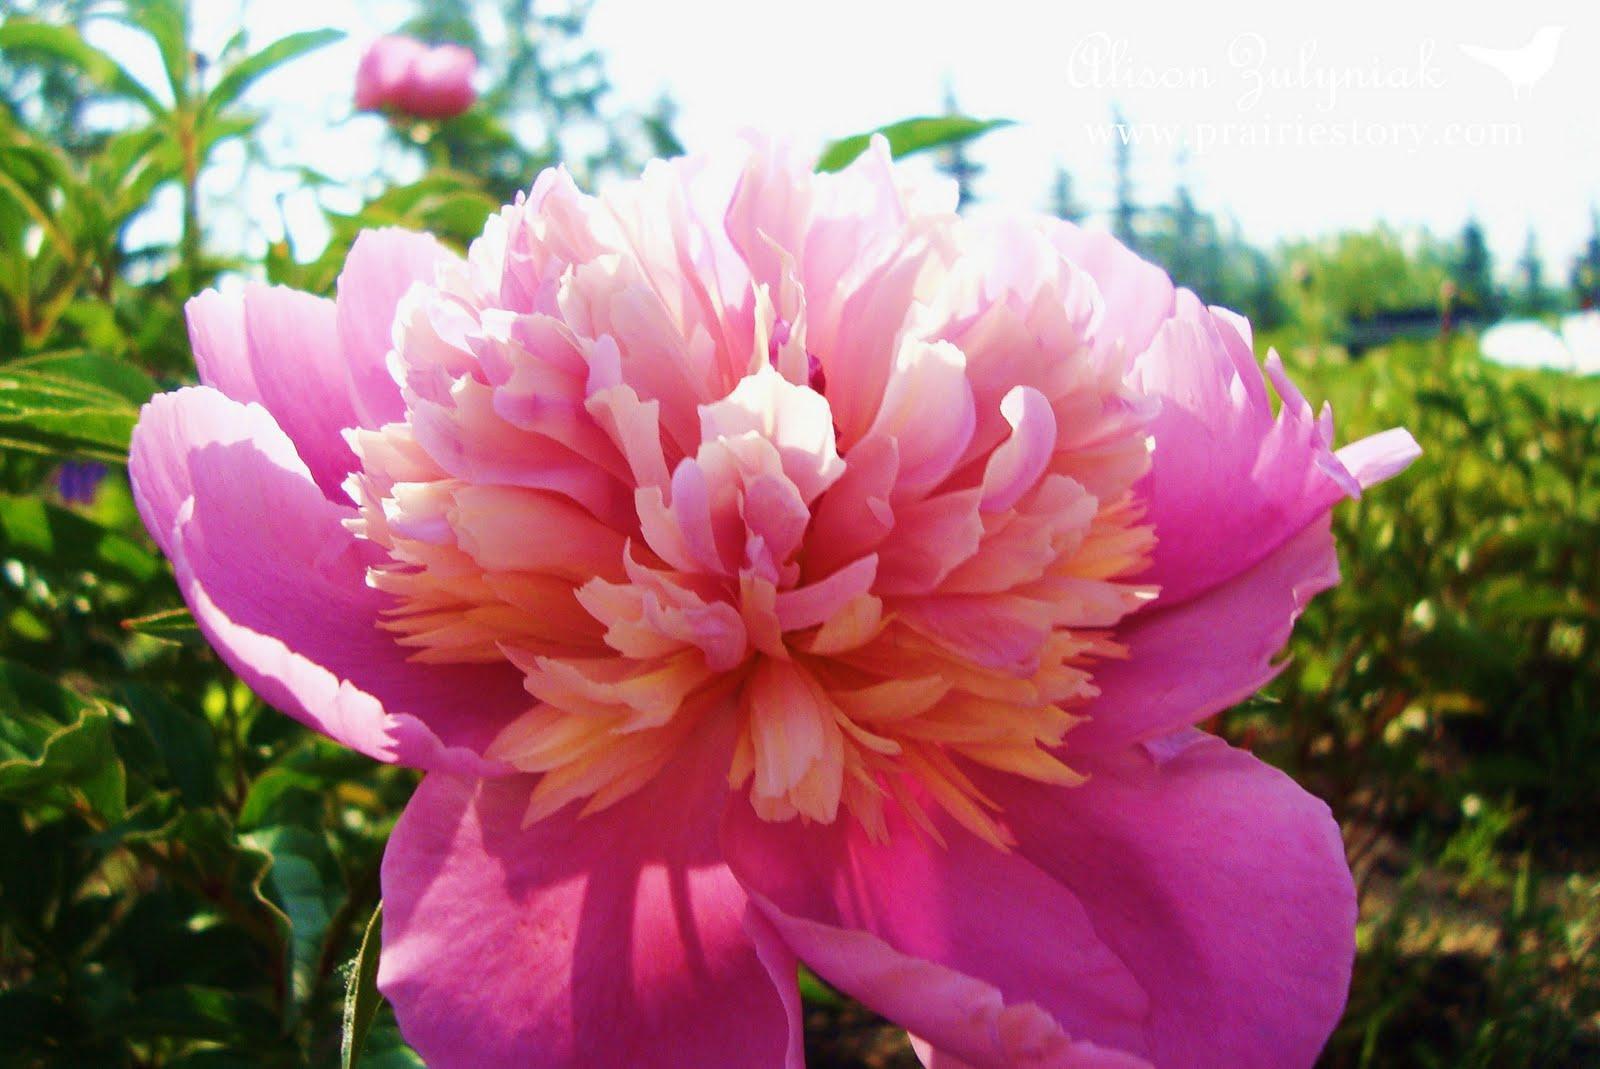 Prairie Story Peony Flowers